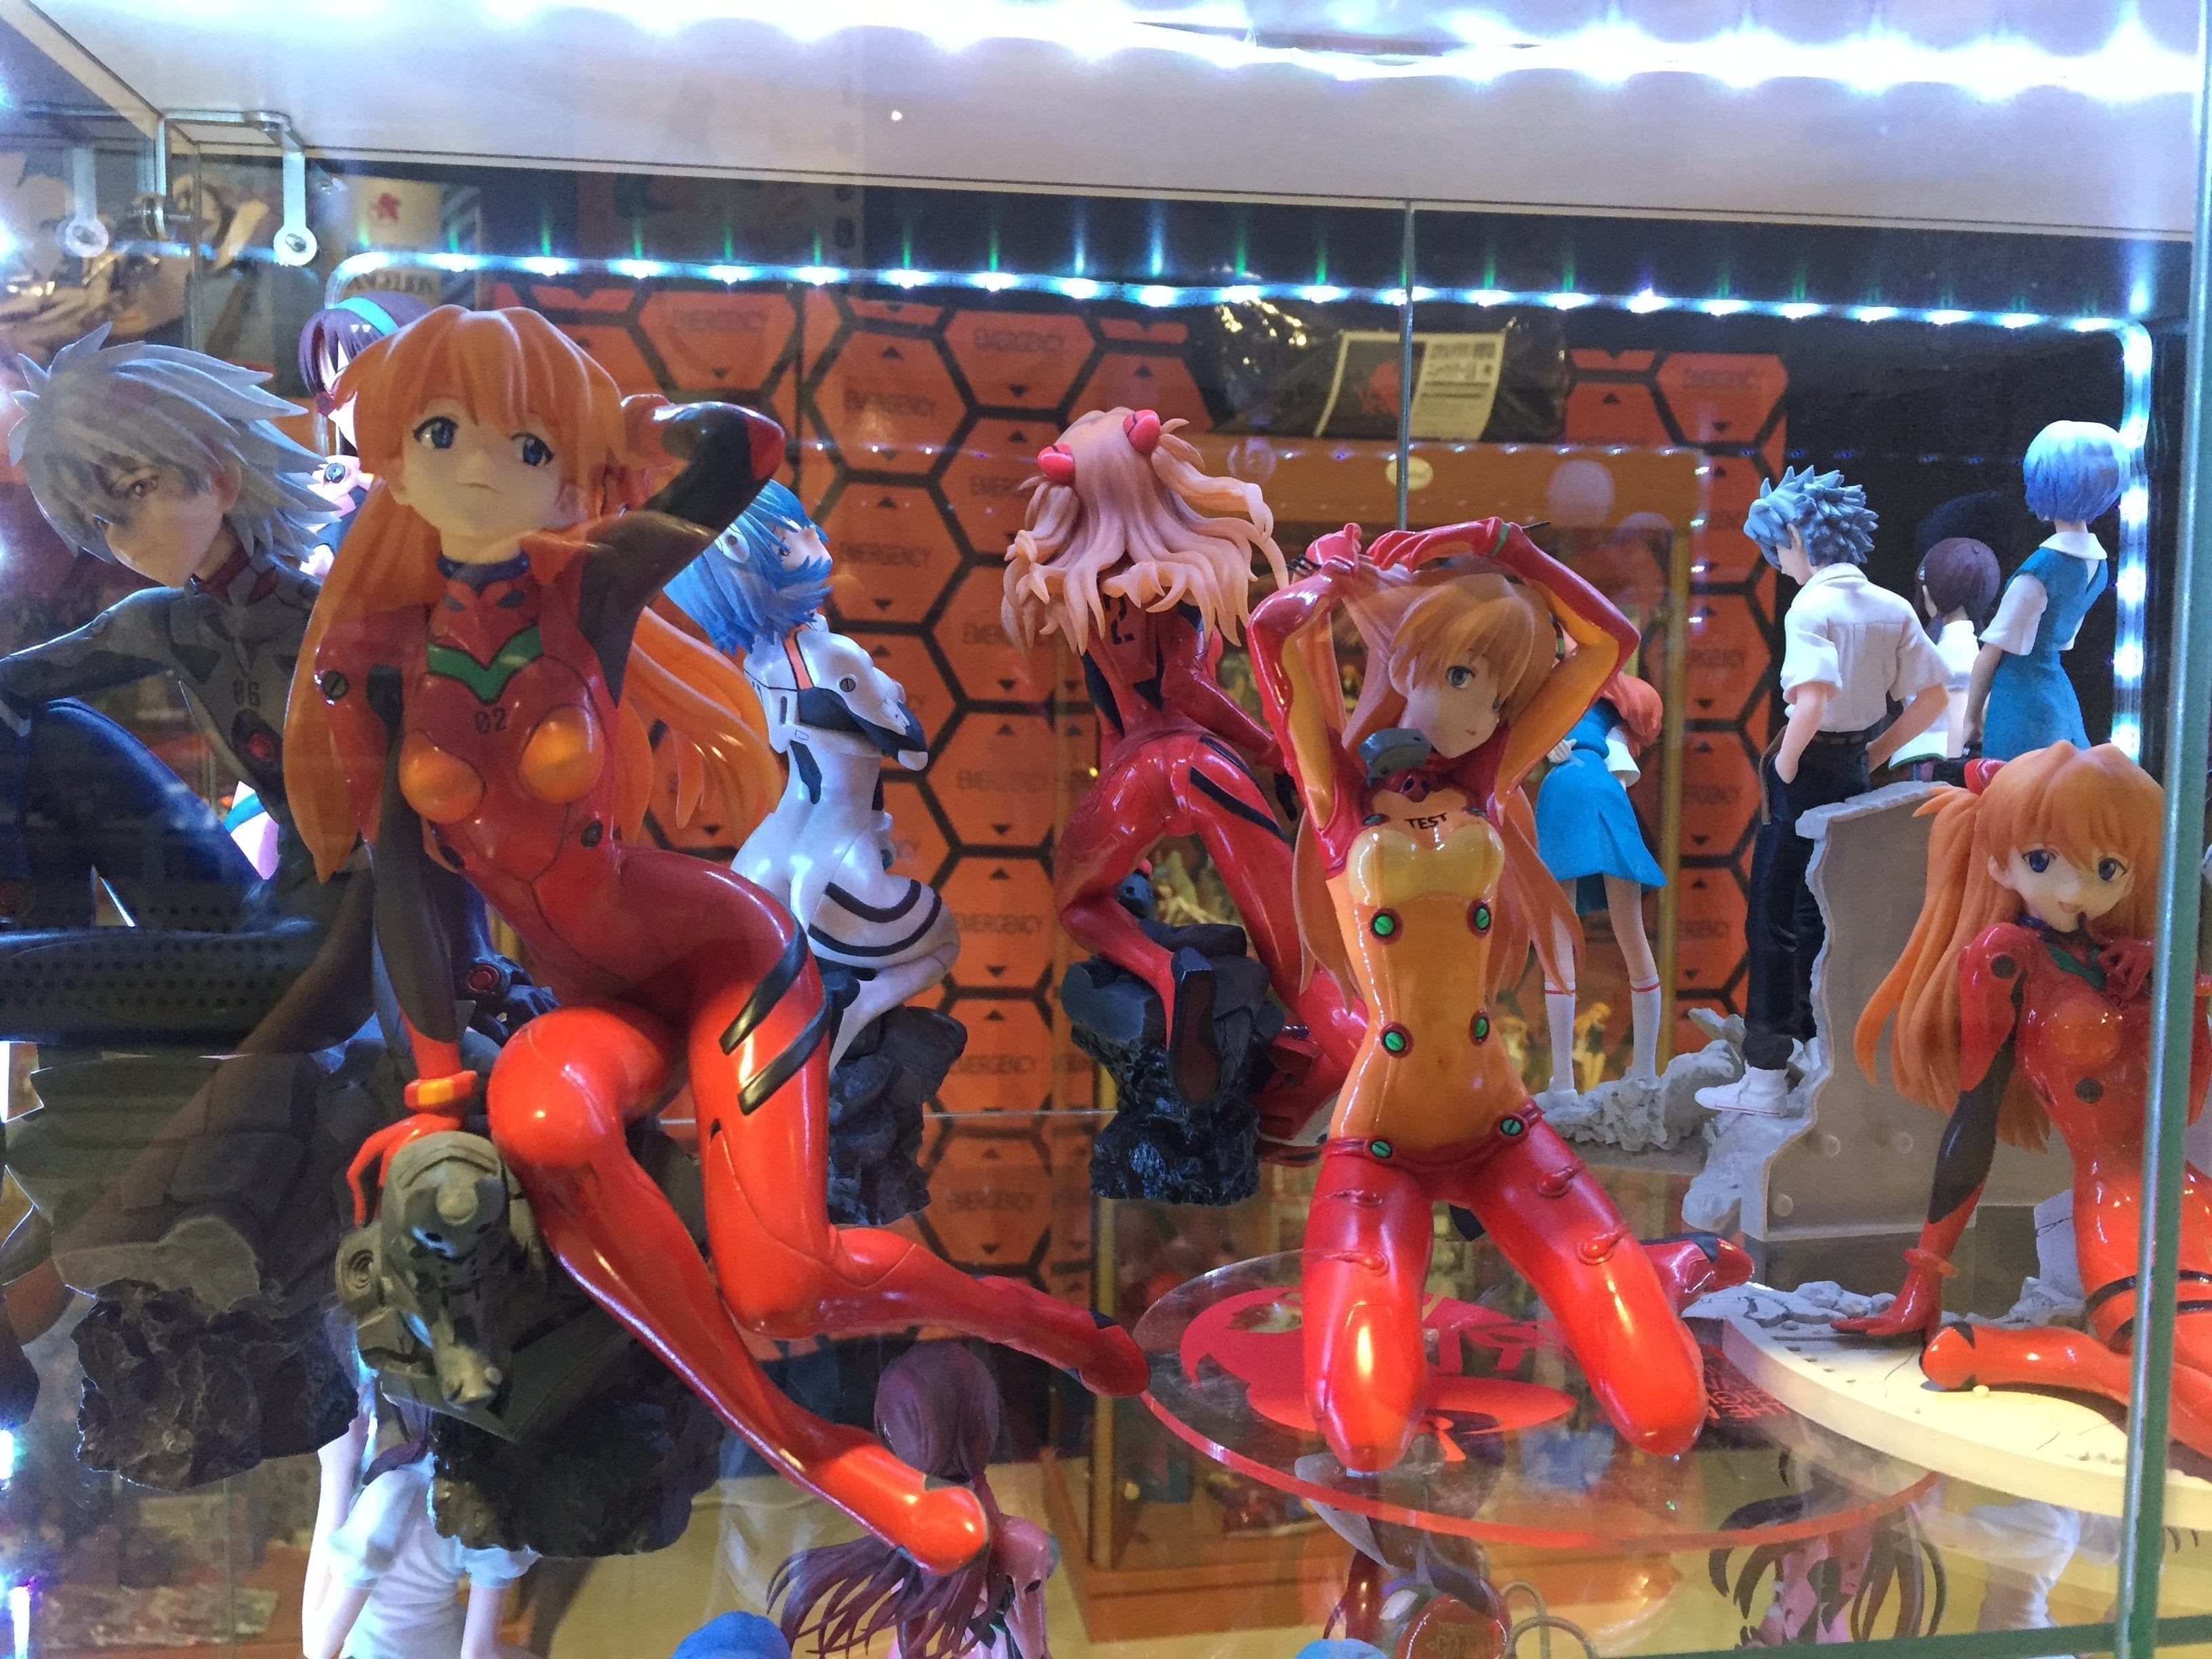 Michi Thells Neon Evangelion Sammlung wurde im Rahmen des Evangelion Museums auch wieder auf der MIJ ausgestellt